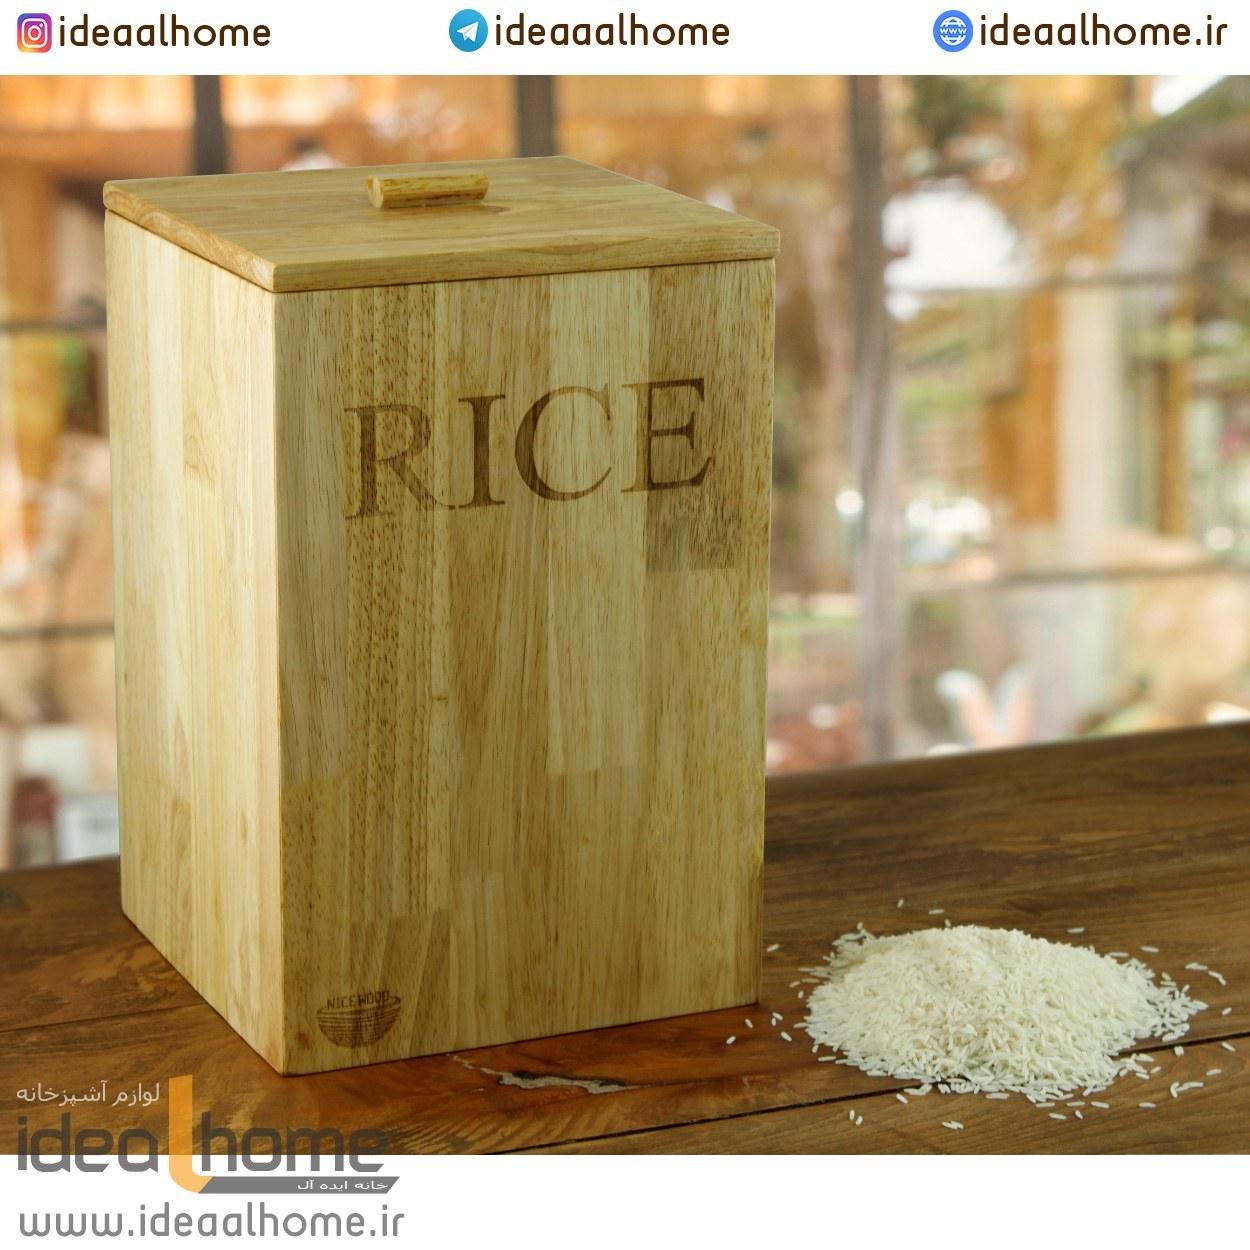 تصویر سطل برنج چوبی نایس وود مدل NA105 گنجایش 10 کیلوگرم